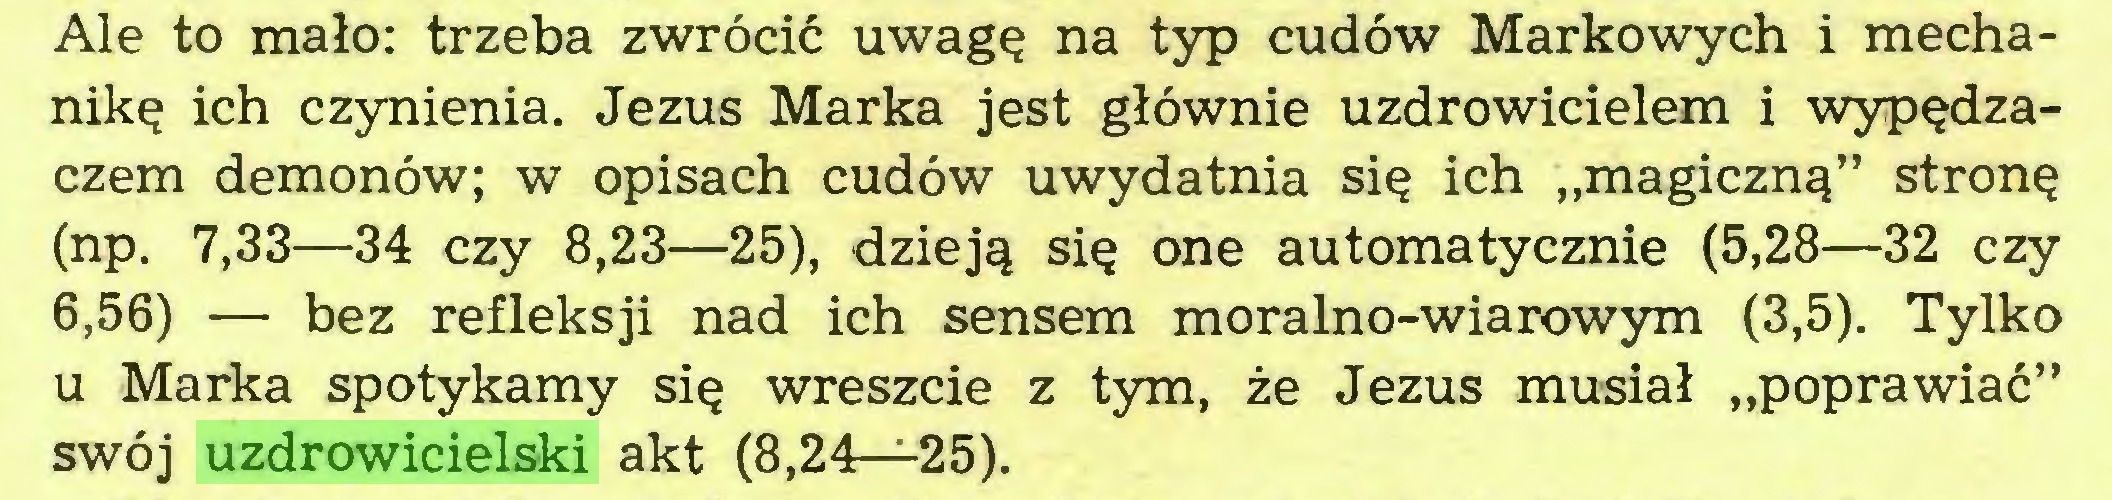 """(...) Ale to mało: trzeba zwrócić uwagę na typ cudów Markowych i mechanikę ich czynienia. Jezus Marka jest głównie uzdrowicielem i wypędzaczem demonów; w opisach cudów uwydatnia się ich """"magiczną"""" stronę (np. 7,33—34 czy 8,23—25), dzieją się one automatycznie (5,28—32 czy 6,56) — bez refleksji nad ich sensem moralno-wiarowym (3,5). Tylko u Marka spotykamy się wreszcie z tym, że Jezus musiał """"poprawiać"""" swój uzdrowicielski akt (8,24—25)..."""